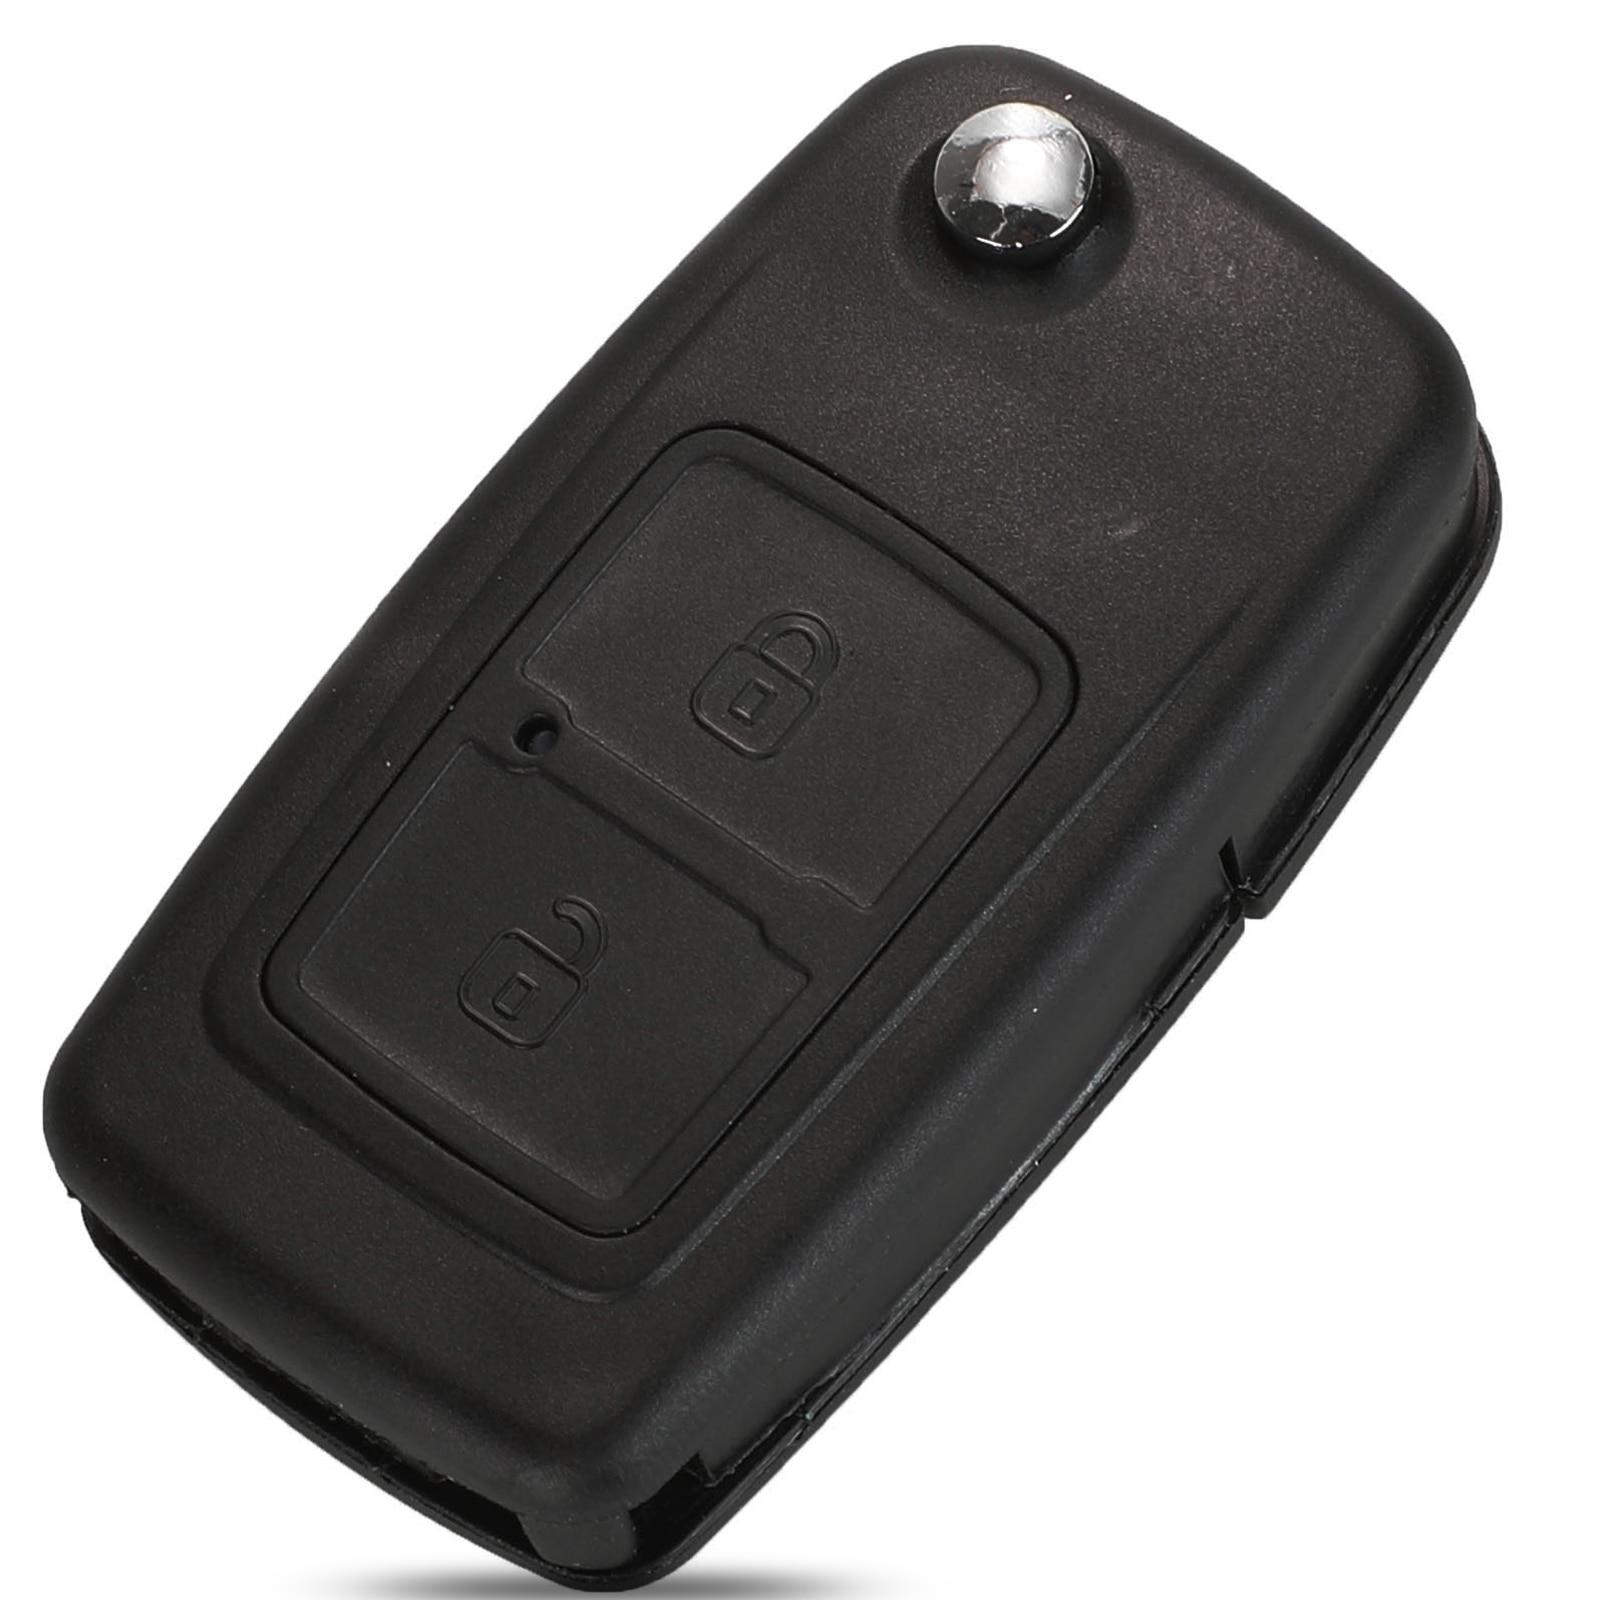 Kutery 2 botões substituição remoto carro chave caso escudo fob para chery a5 fulwin tiggo e5 a1 cowin t11 2009